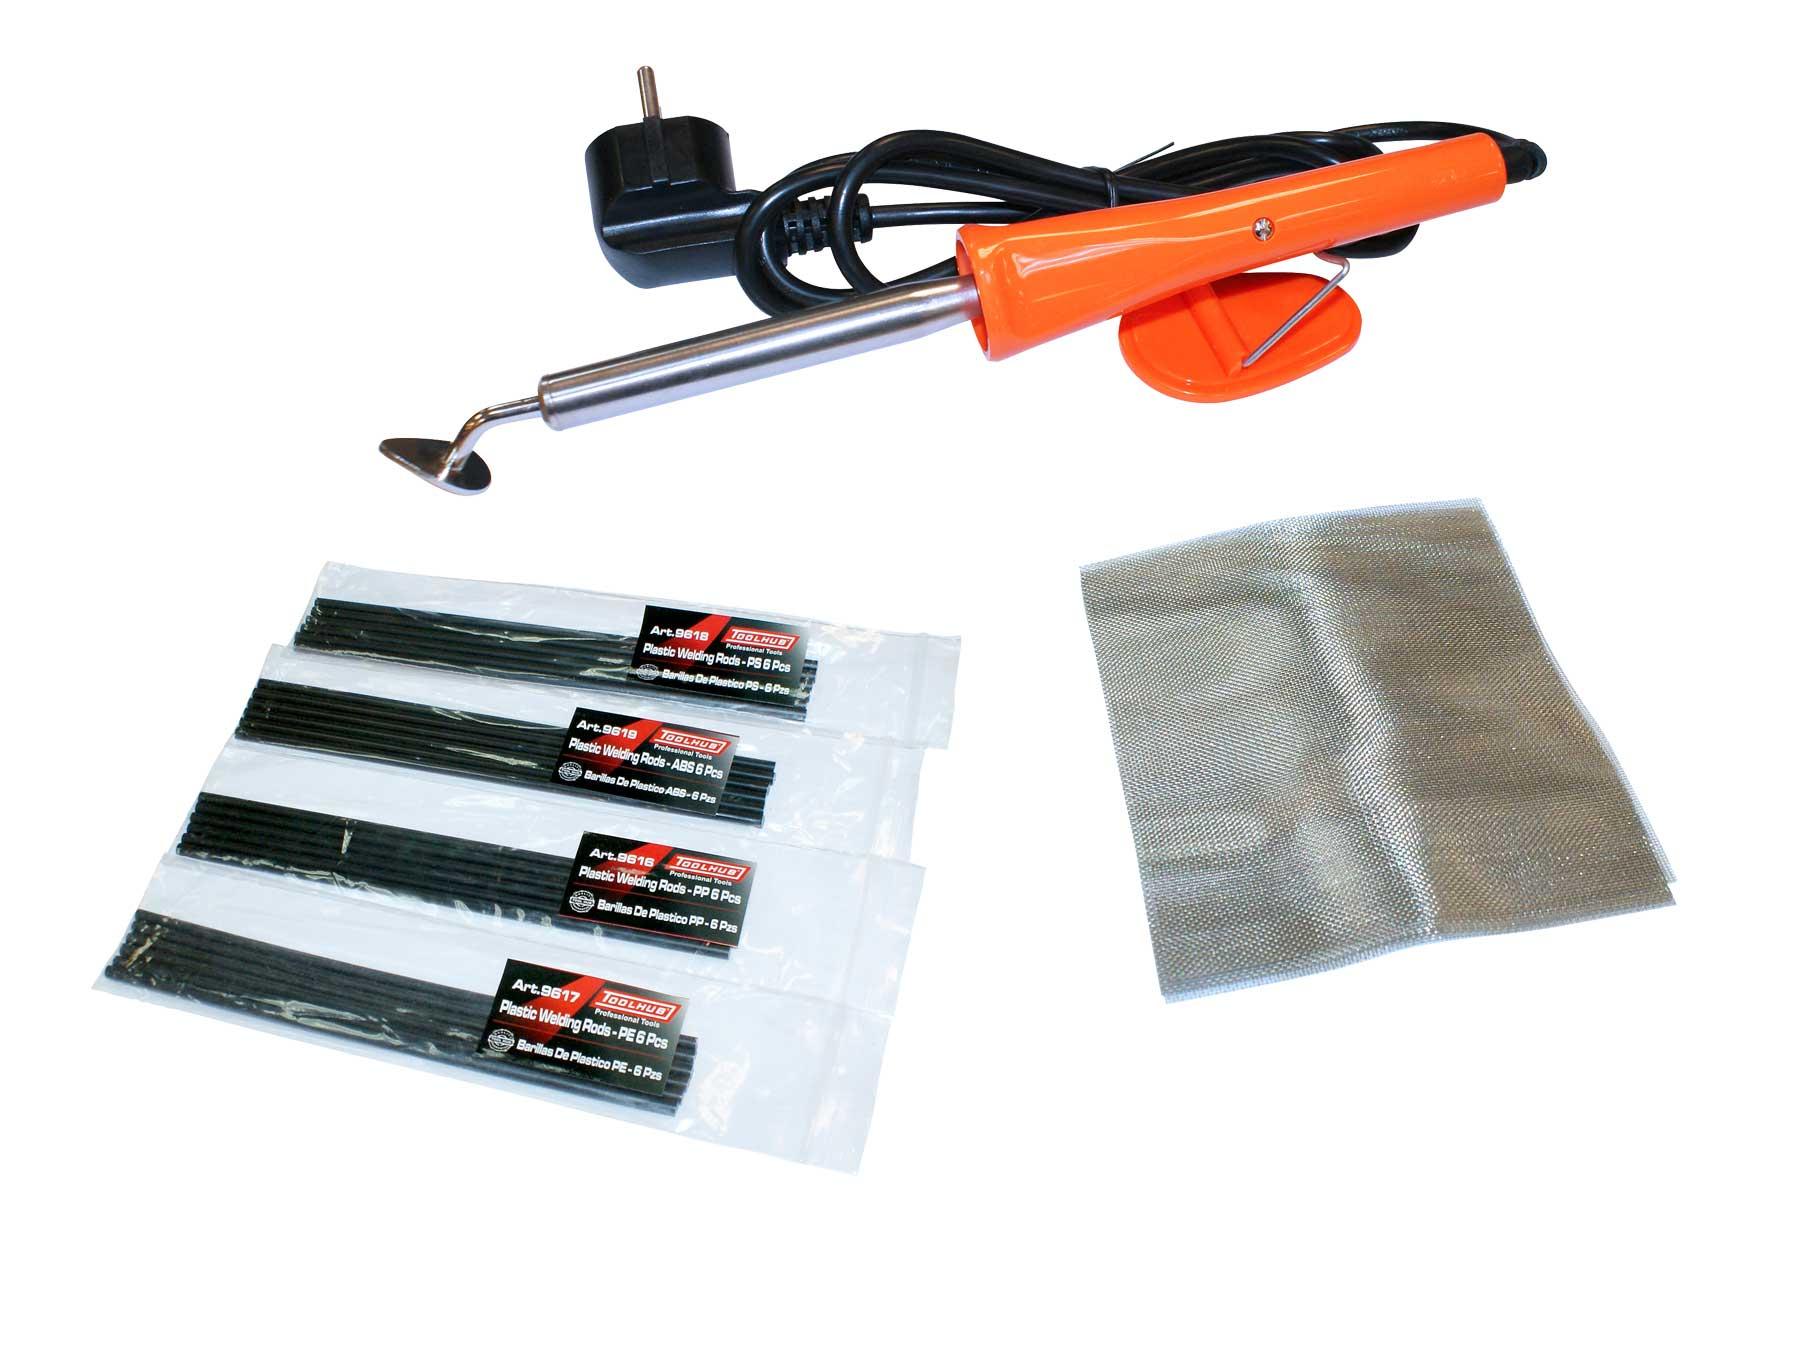 Kit de reparación de plásticos 0999.466